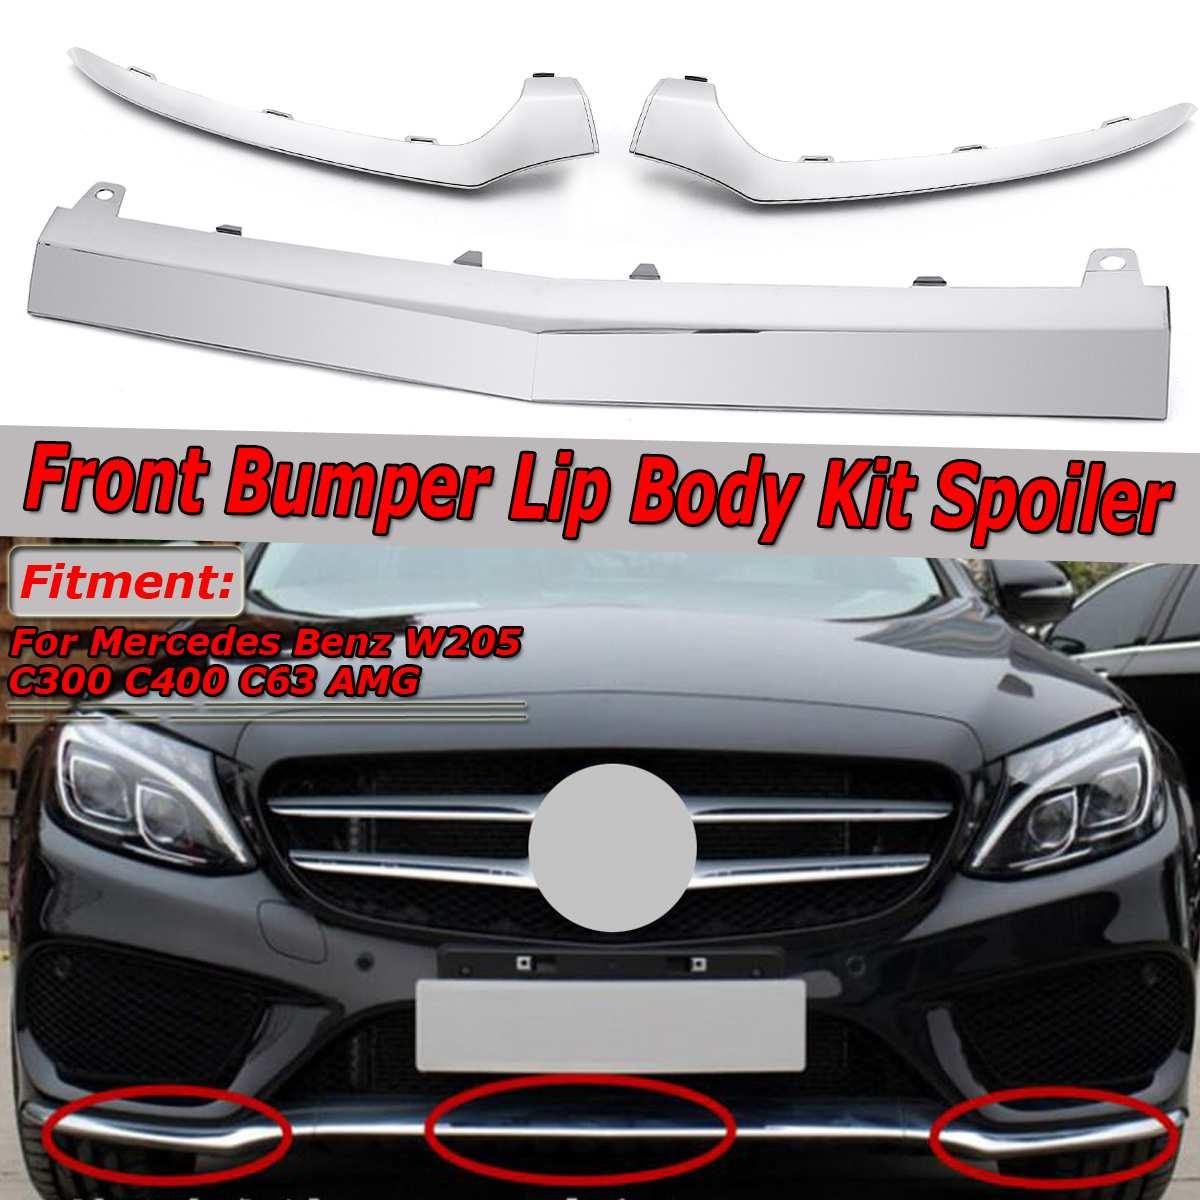 Garniture de couverture de moulage de Chrome de séparateur inférieur de lèvre de pare-chocs avant de voiture de Chrome/noir pour Mercedes pour Benz W205 C300 C400 C63 pour AMG